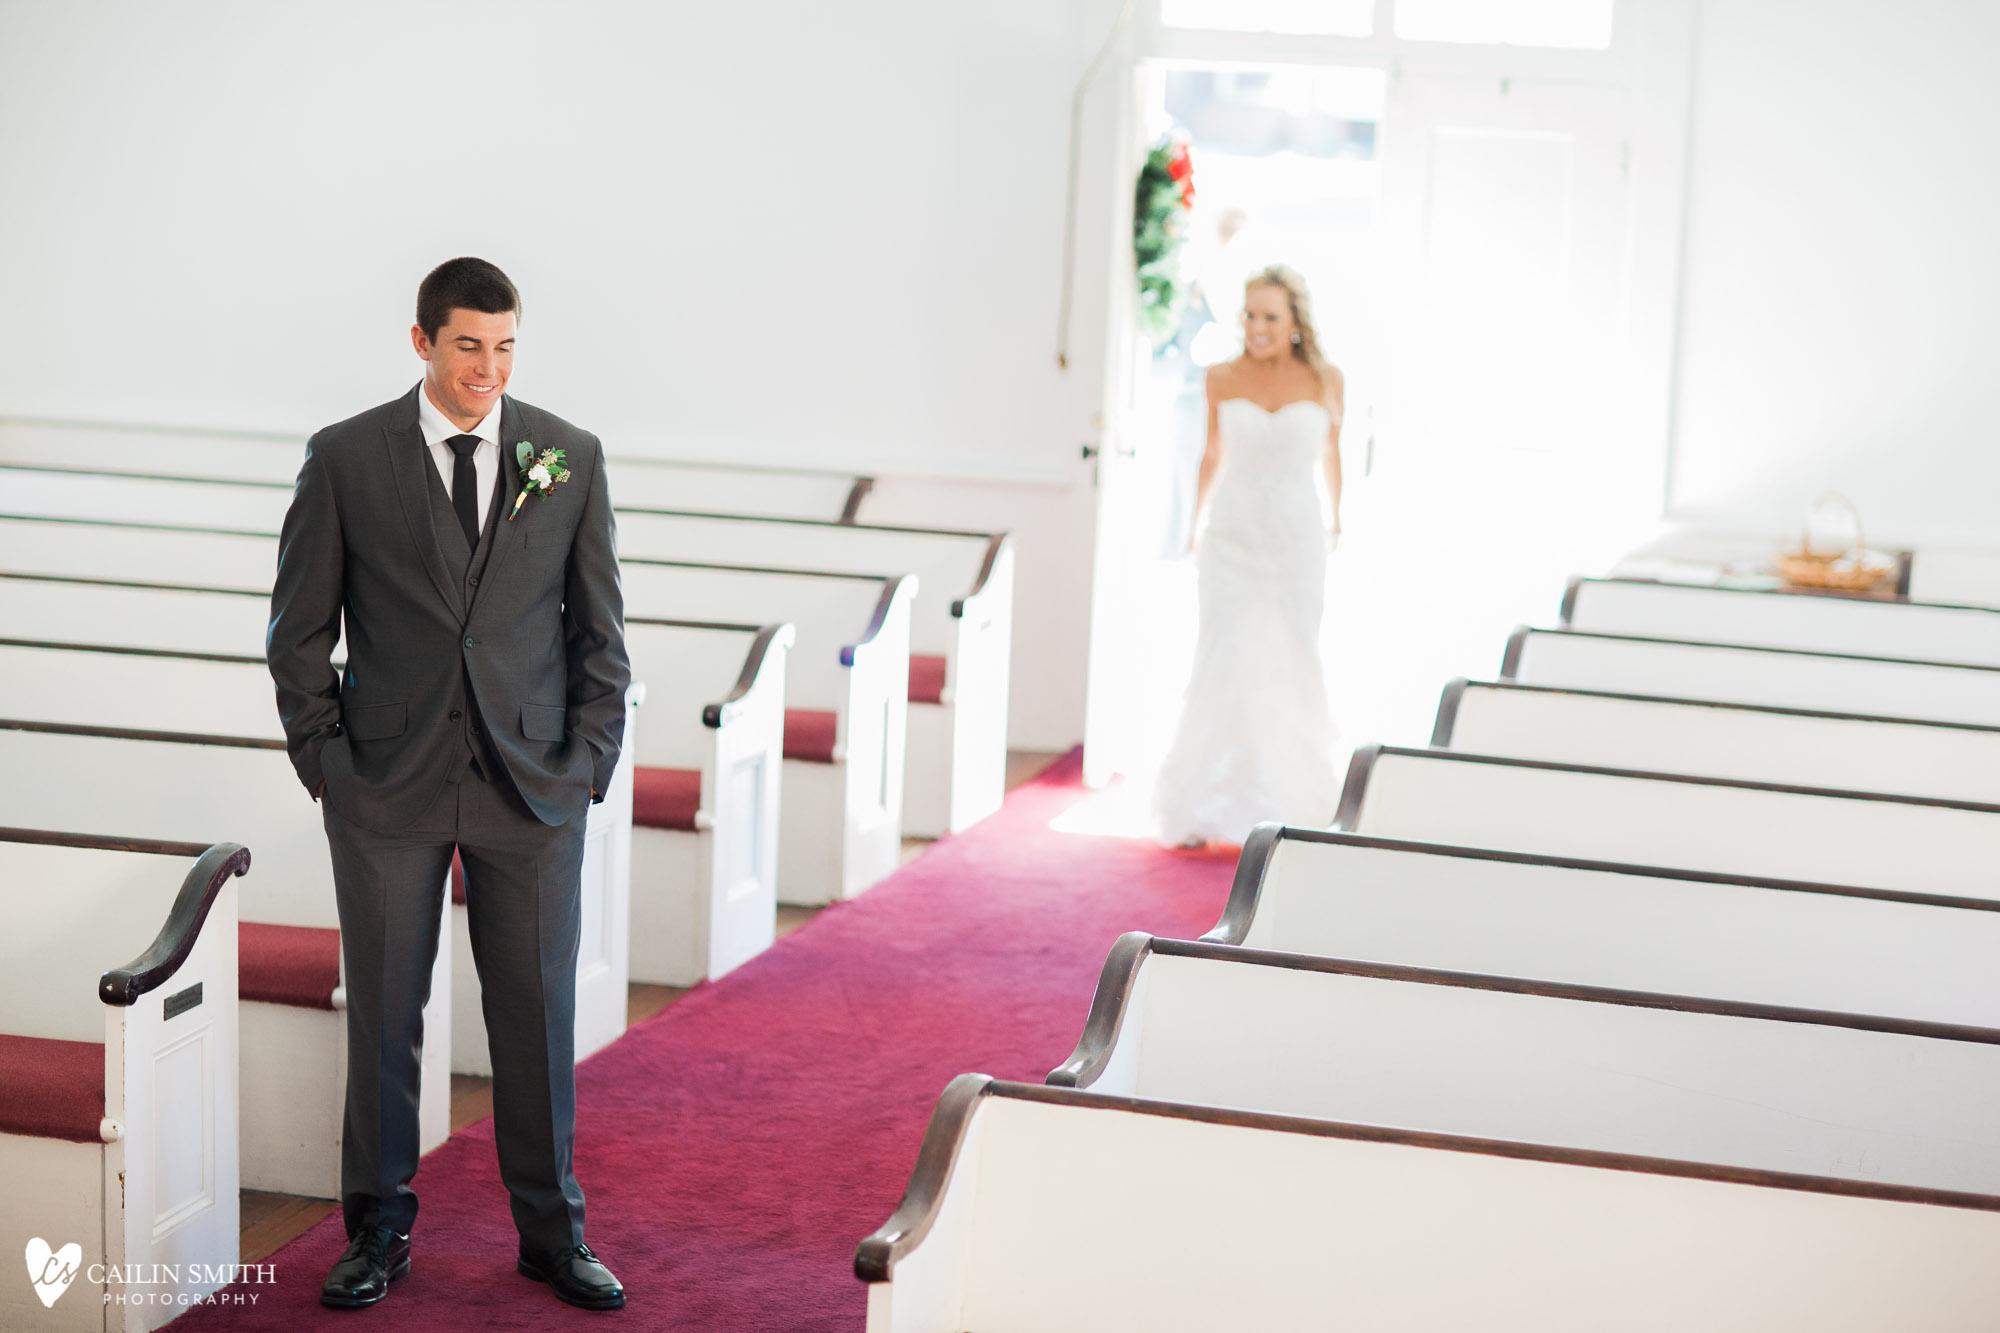 Leah_Major_St_Marys_Wedding_Photography_027.jpg